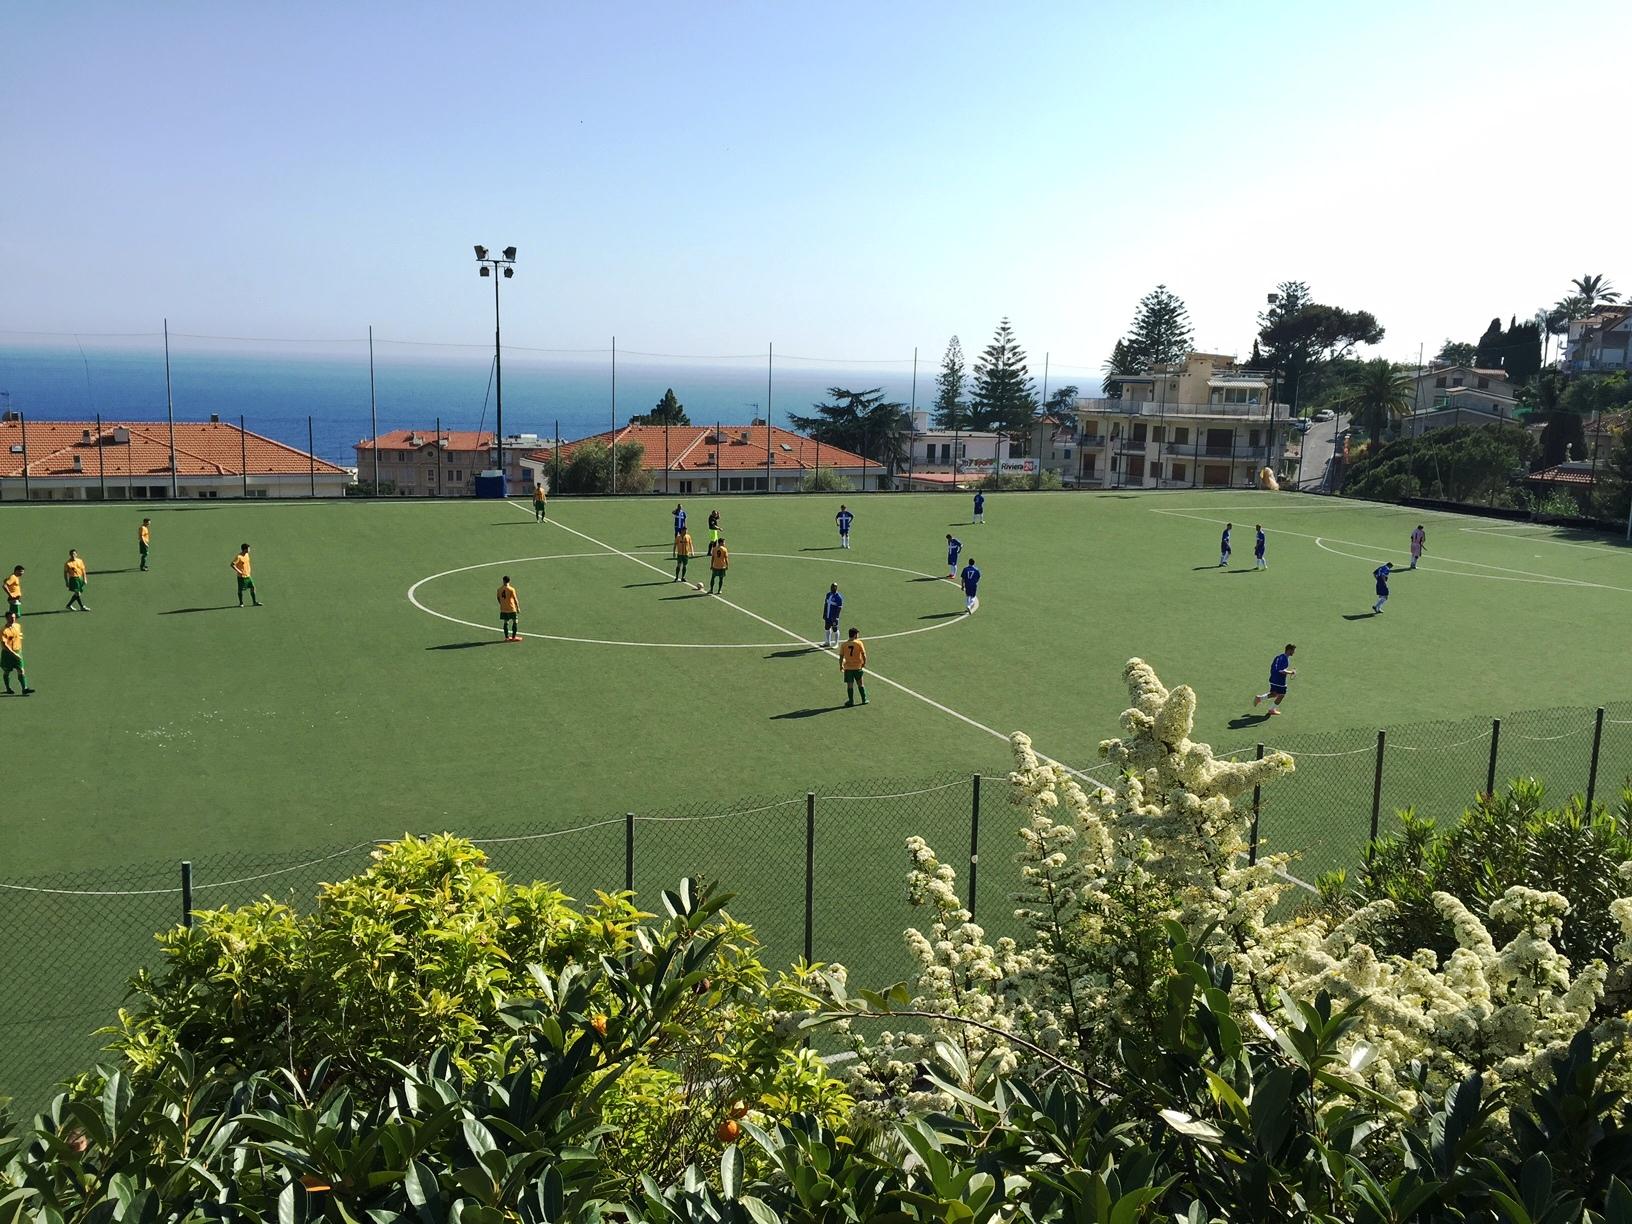 Seborga vs Bergamo Longuelo in Ospedaletti